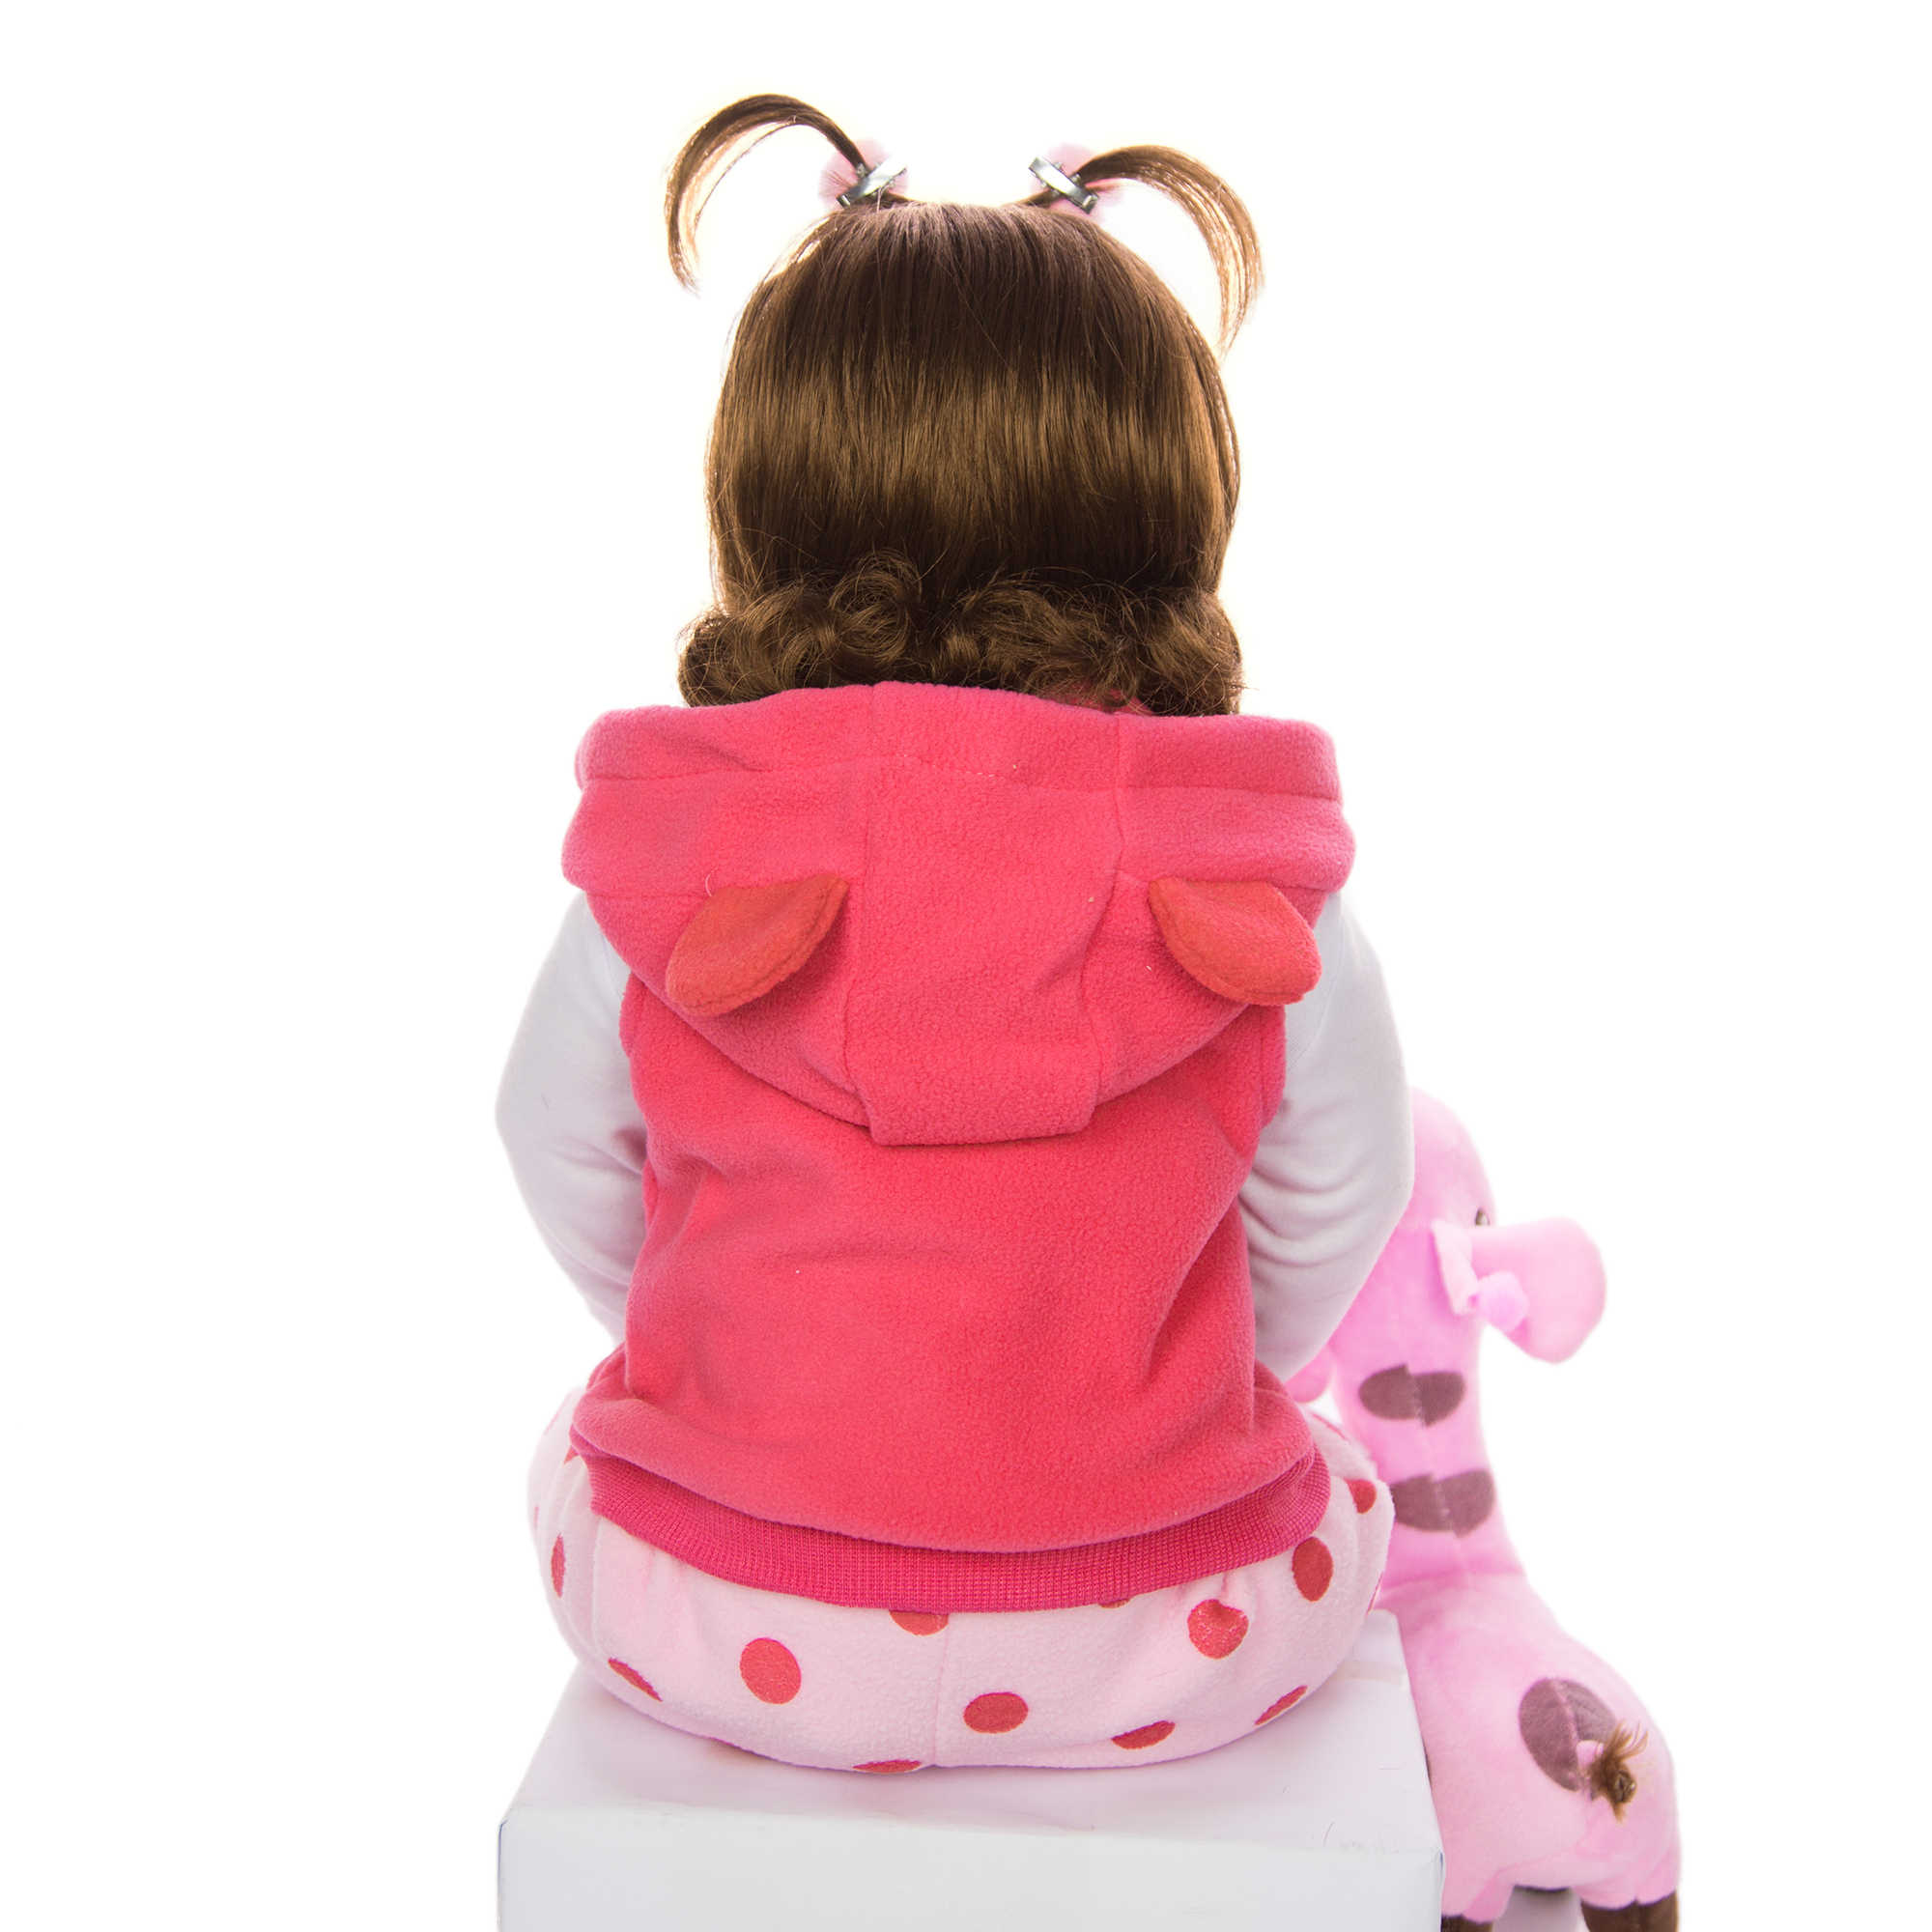 KEIUMI gran oferta muñeca de bebé Reborn juguete de cuerpo de peluche muñeca realista con jirafa niño cumpleaños regalos de navidad